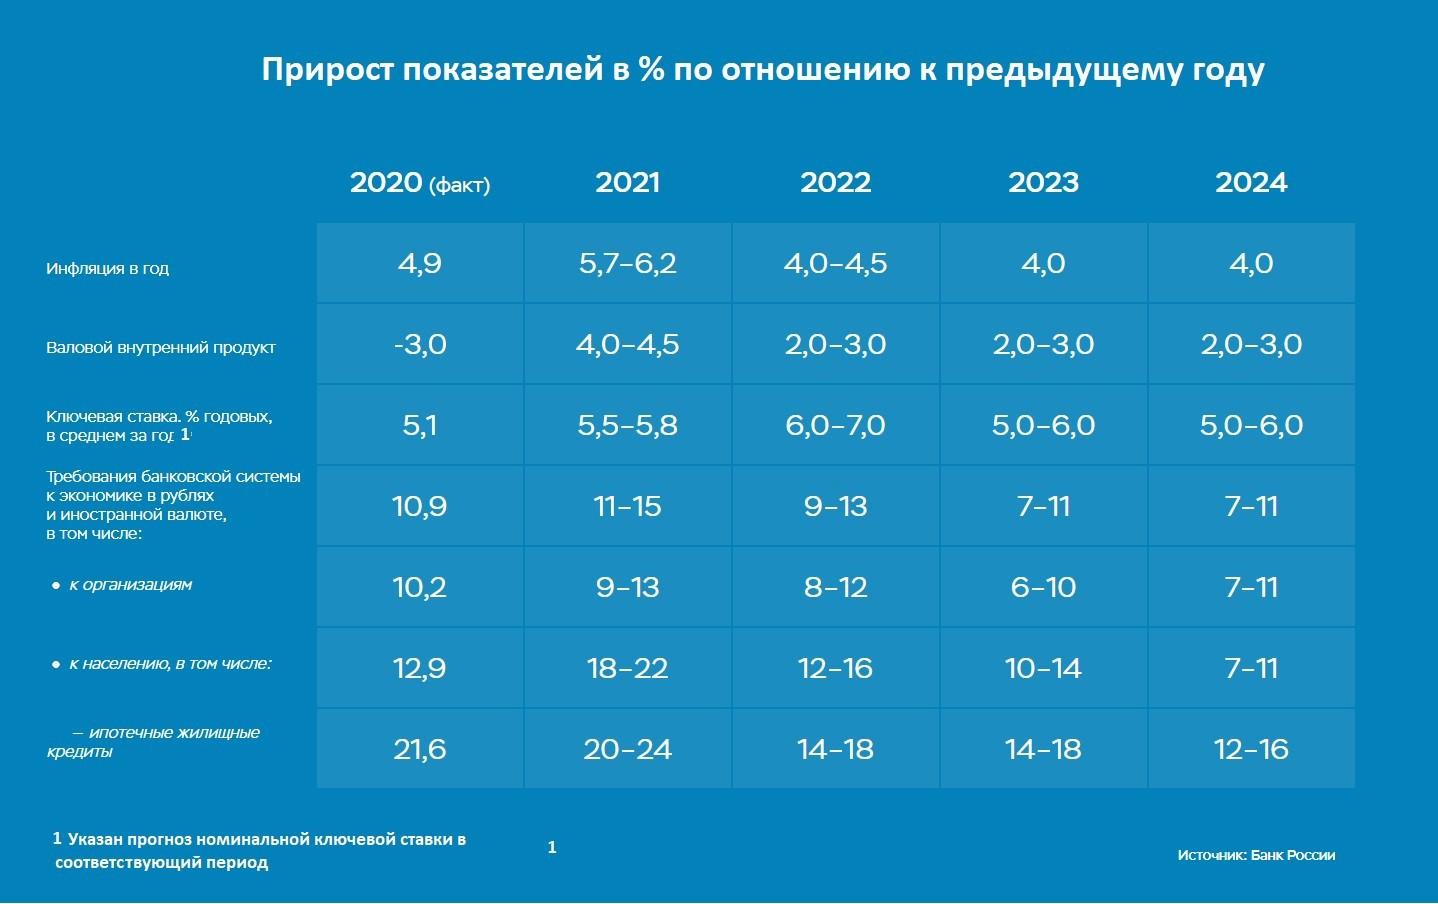 Рис. 3. Фактический и прогнозируемый прирост экономических показателей. Источник: данные Банка России